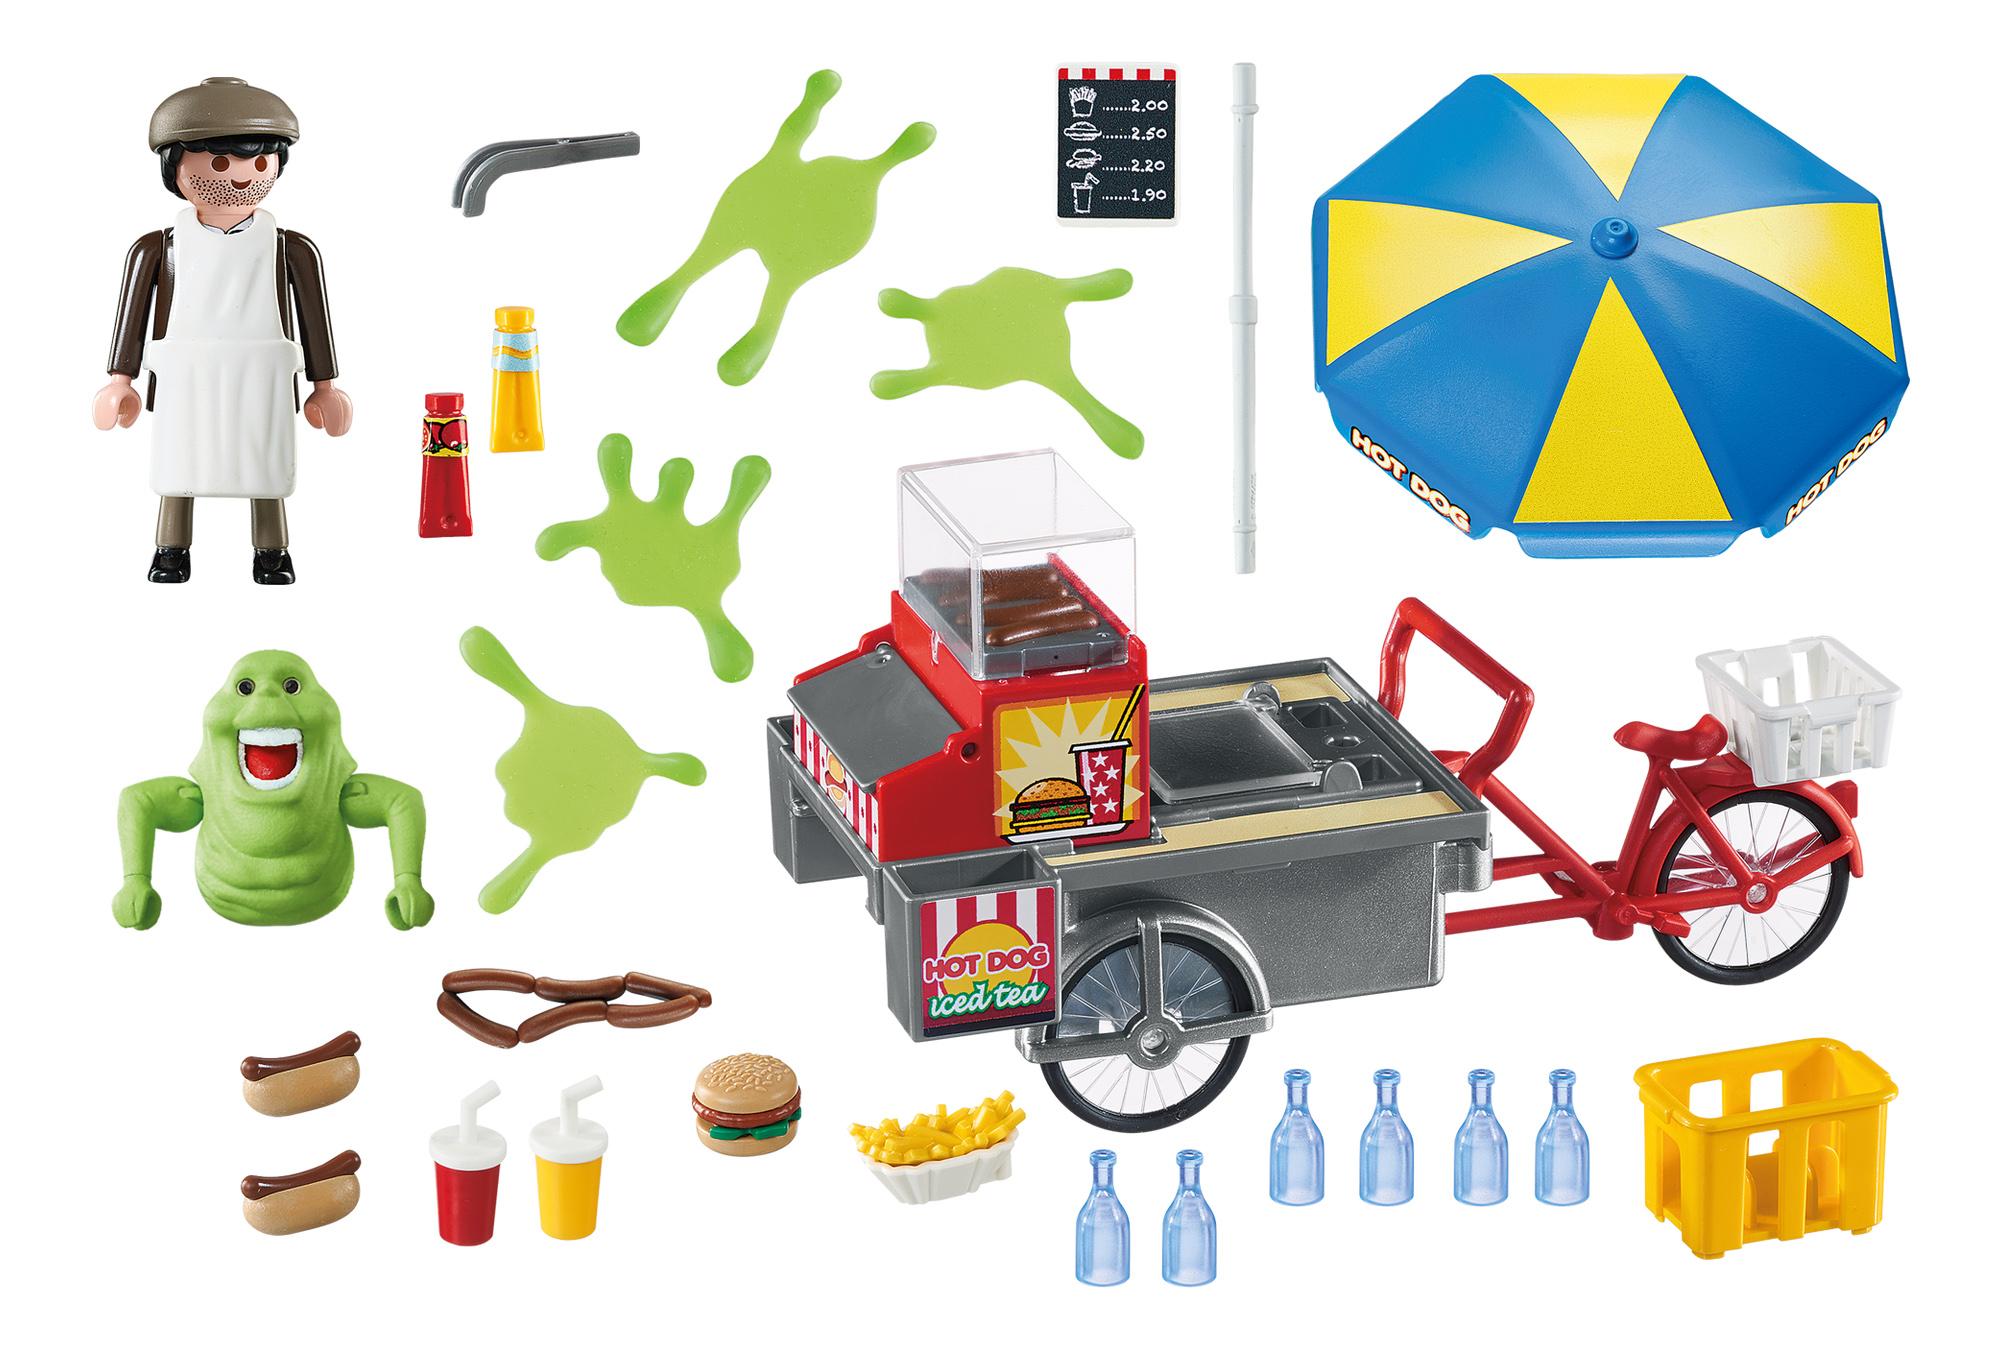 Игровой набор Playmobil Охотники за привидениями: Лизун и торговая тележка с хот-догами фото